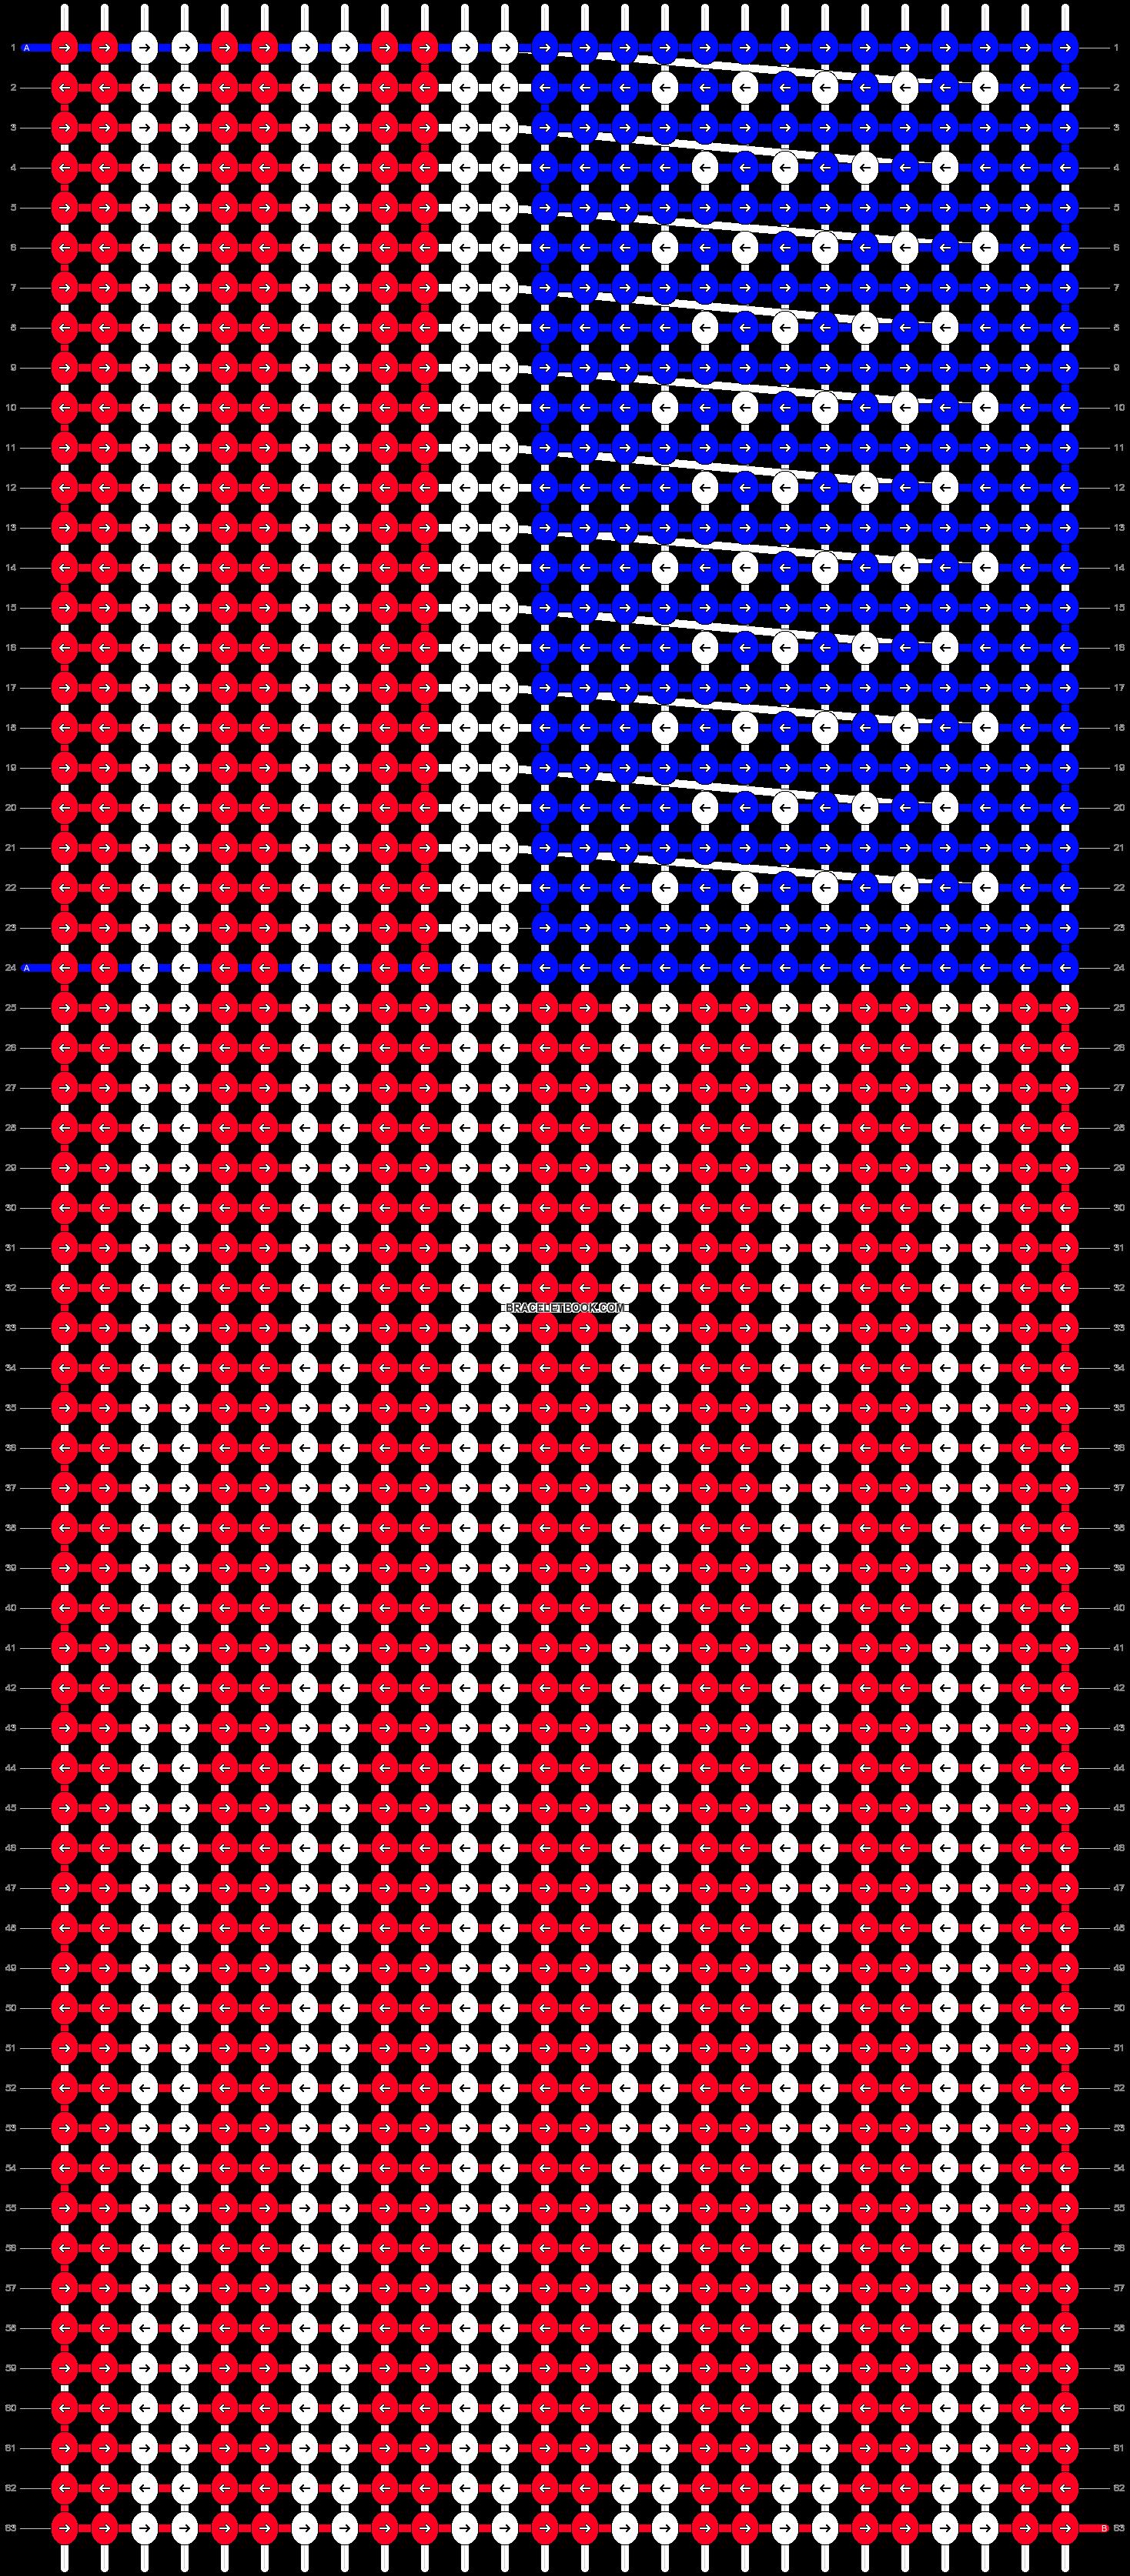 Alpha Pattern #6812 added by kacik